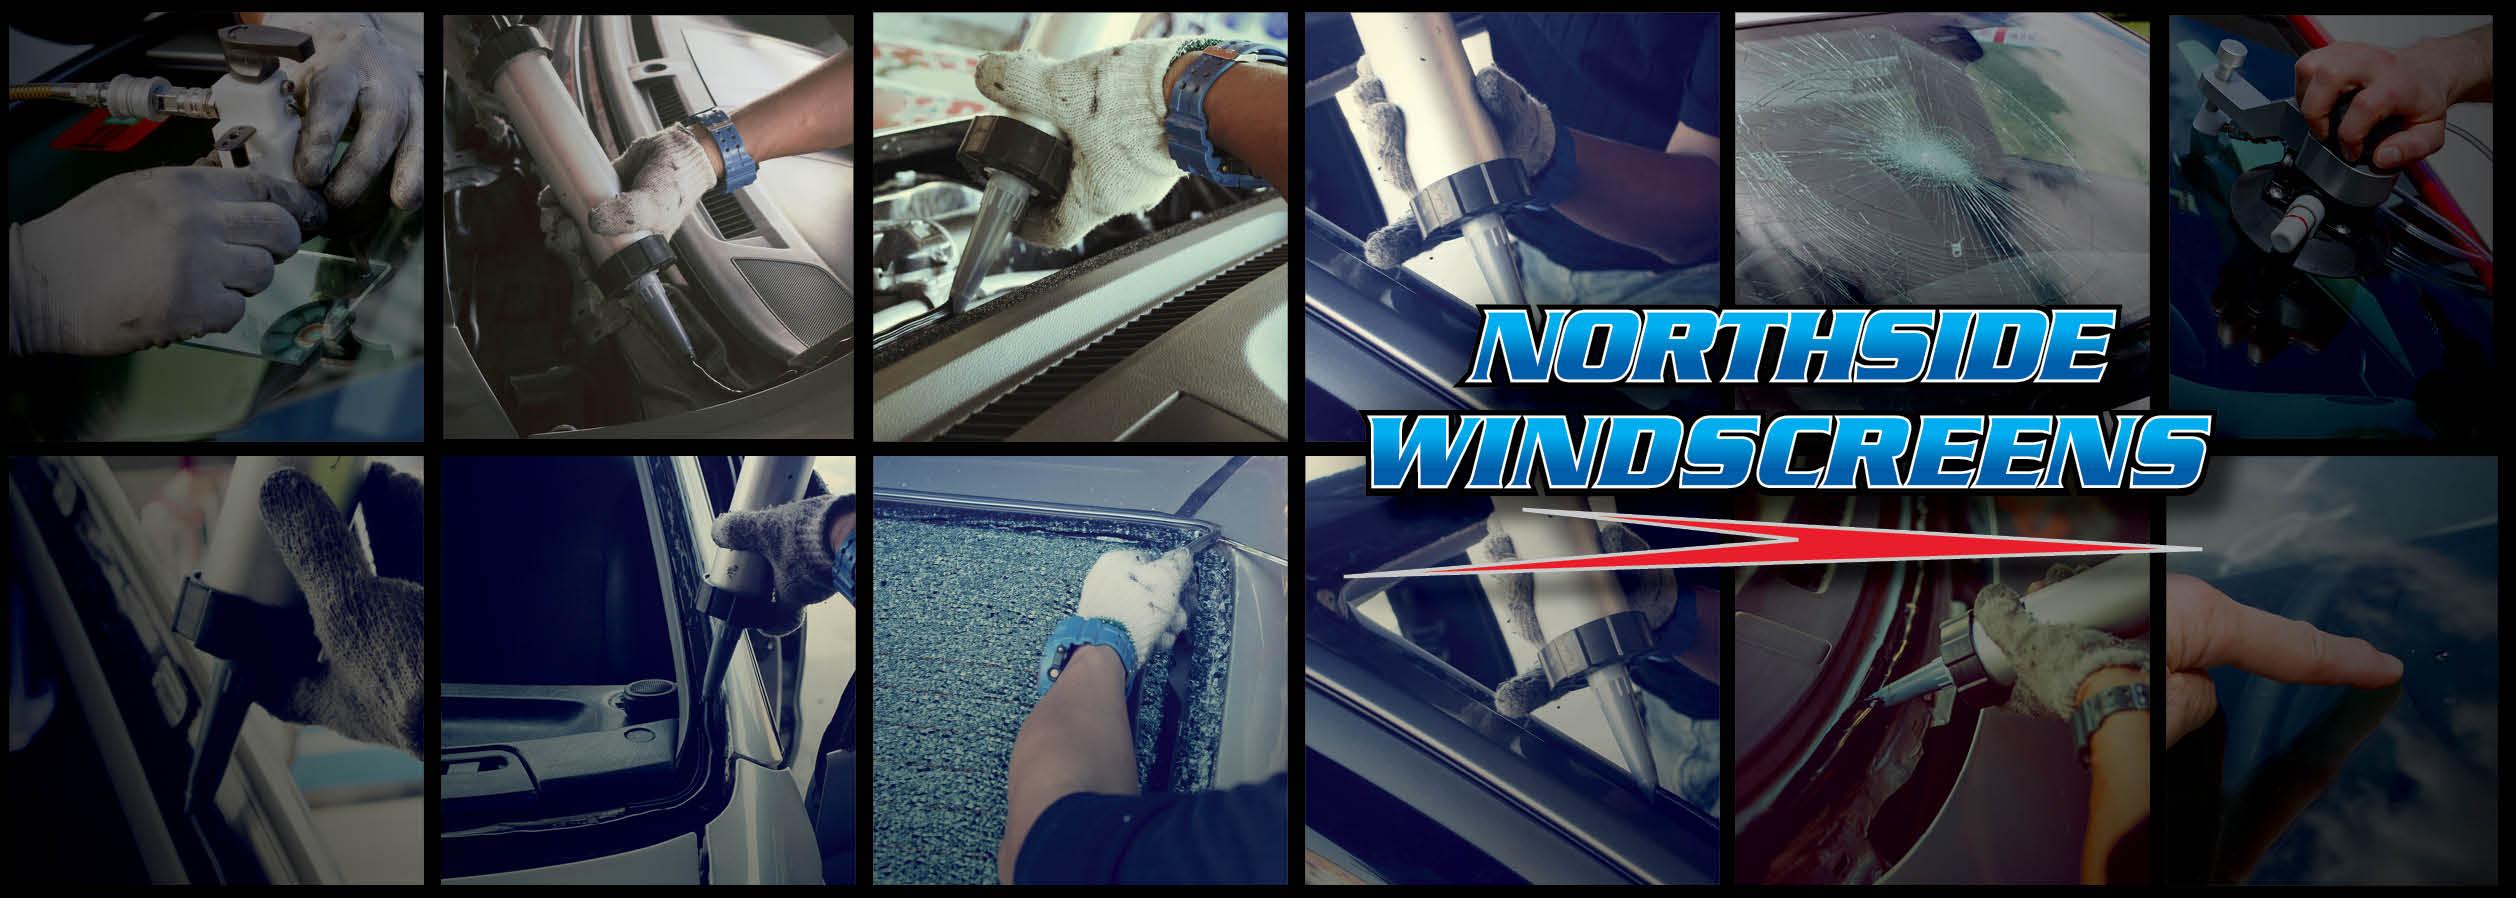 Northside Windscreens